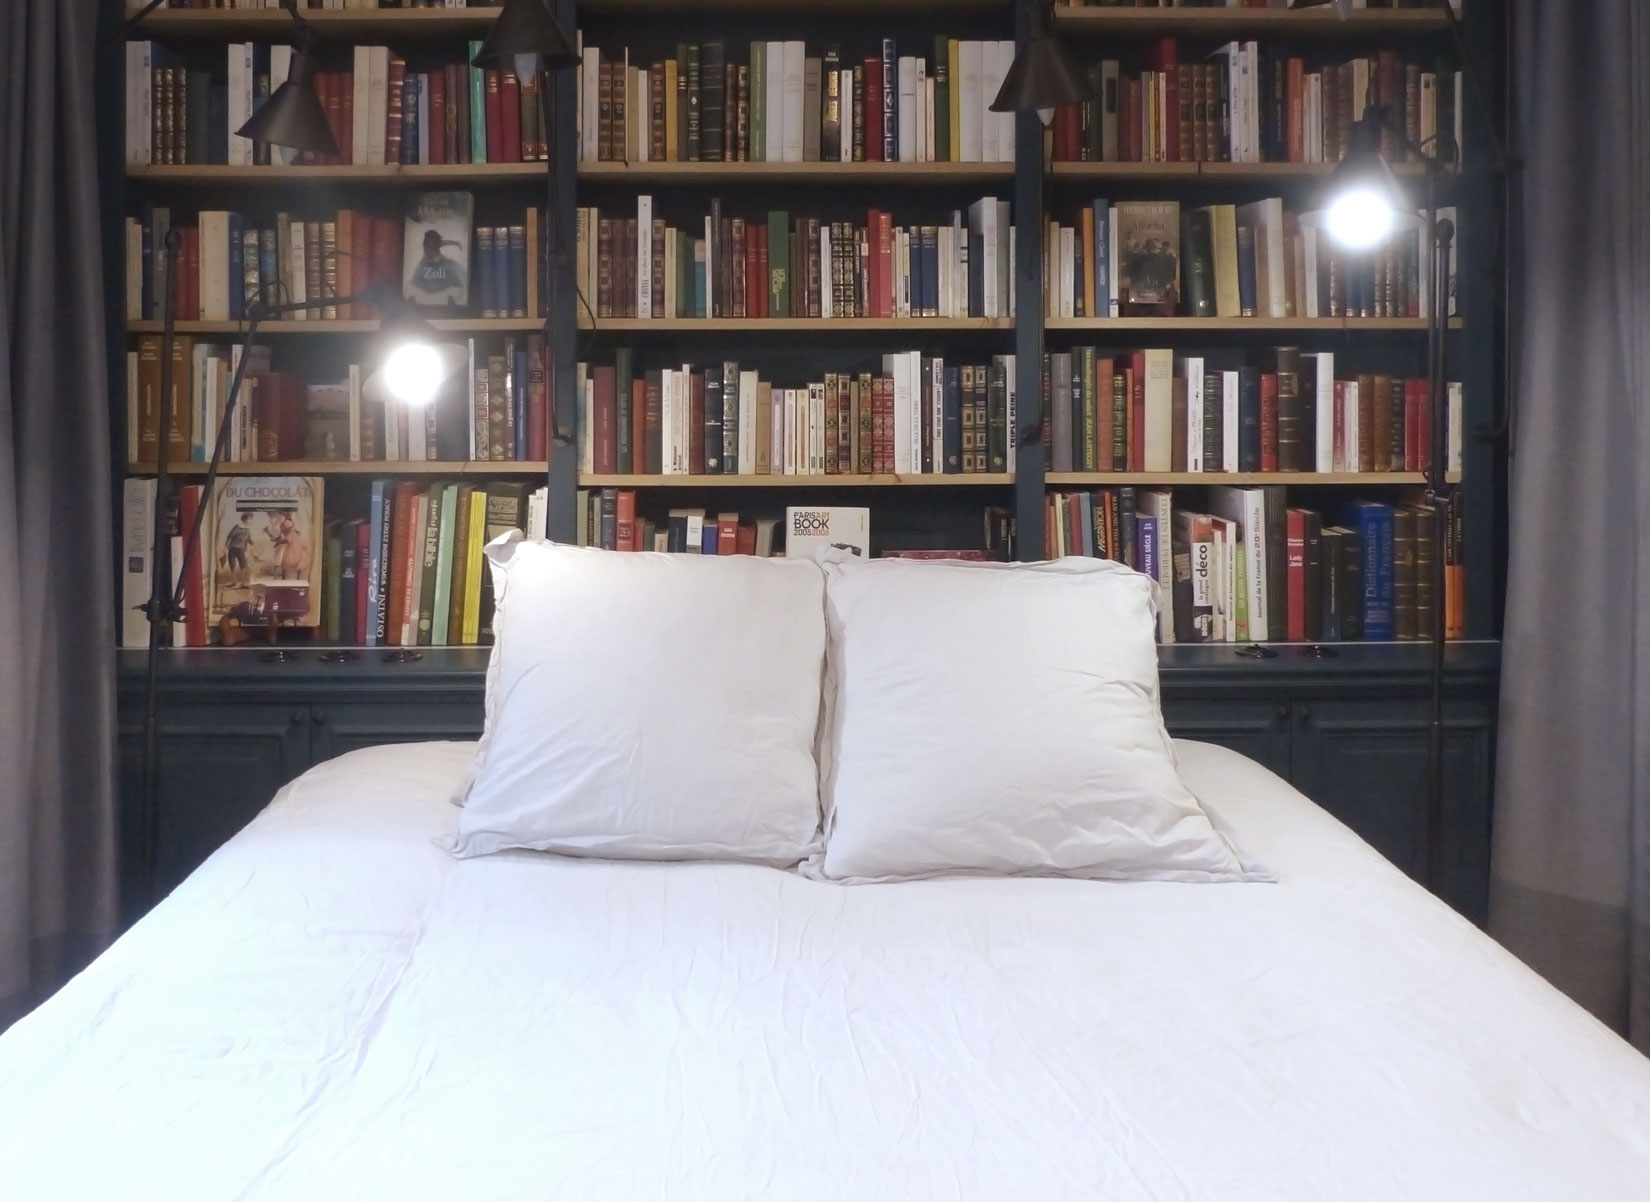 Paris Boutik - lit bibliothèque librairie